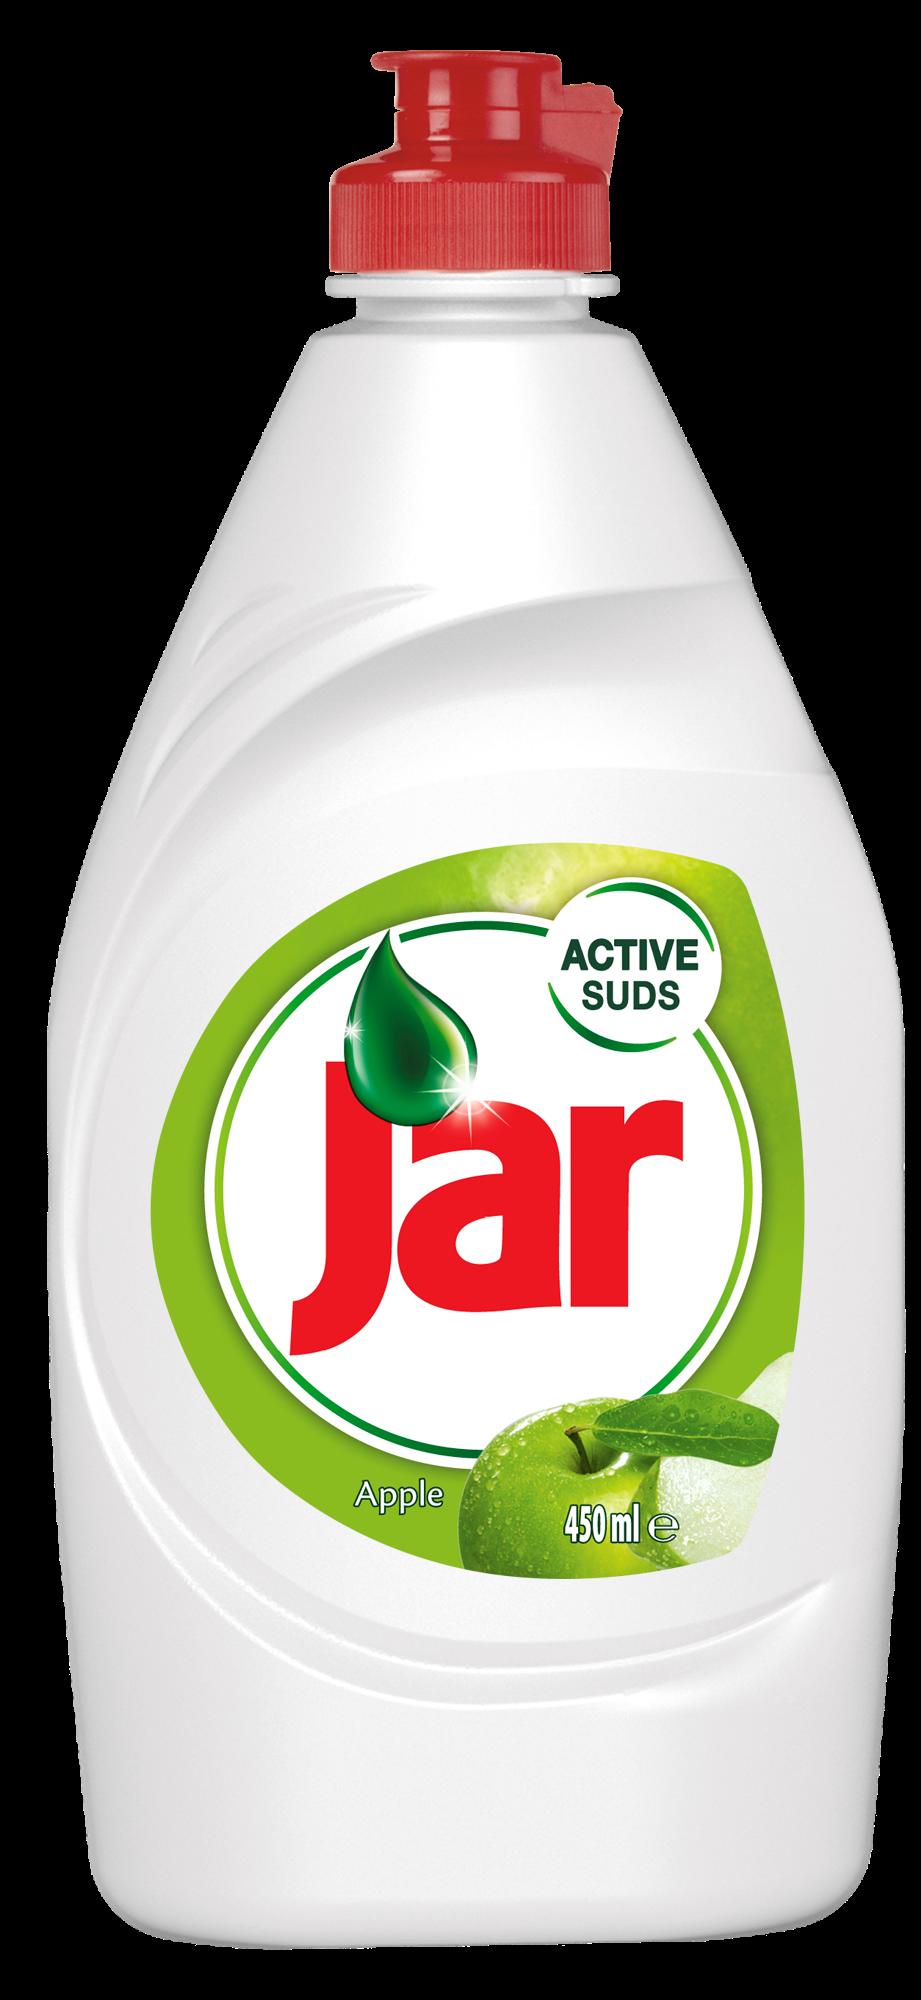 Jar Apple Prostředek na ruční mytí nádobí 450 ml